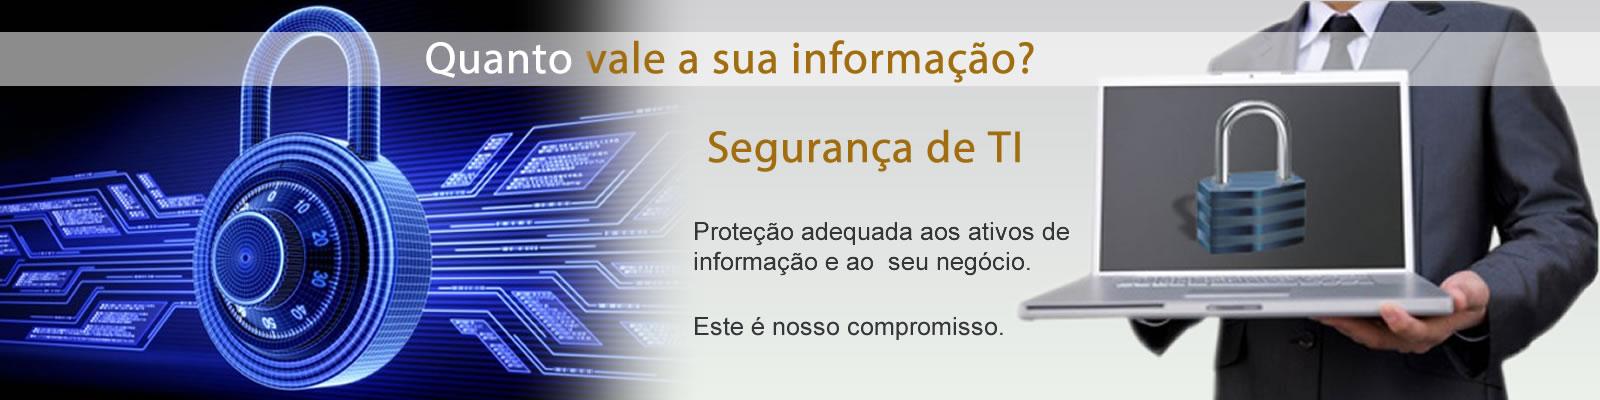 slide_seguranca_rev